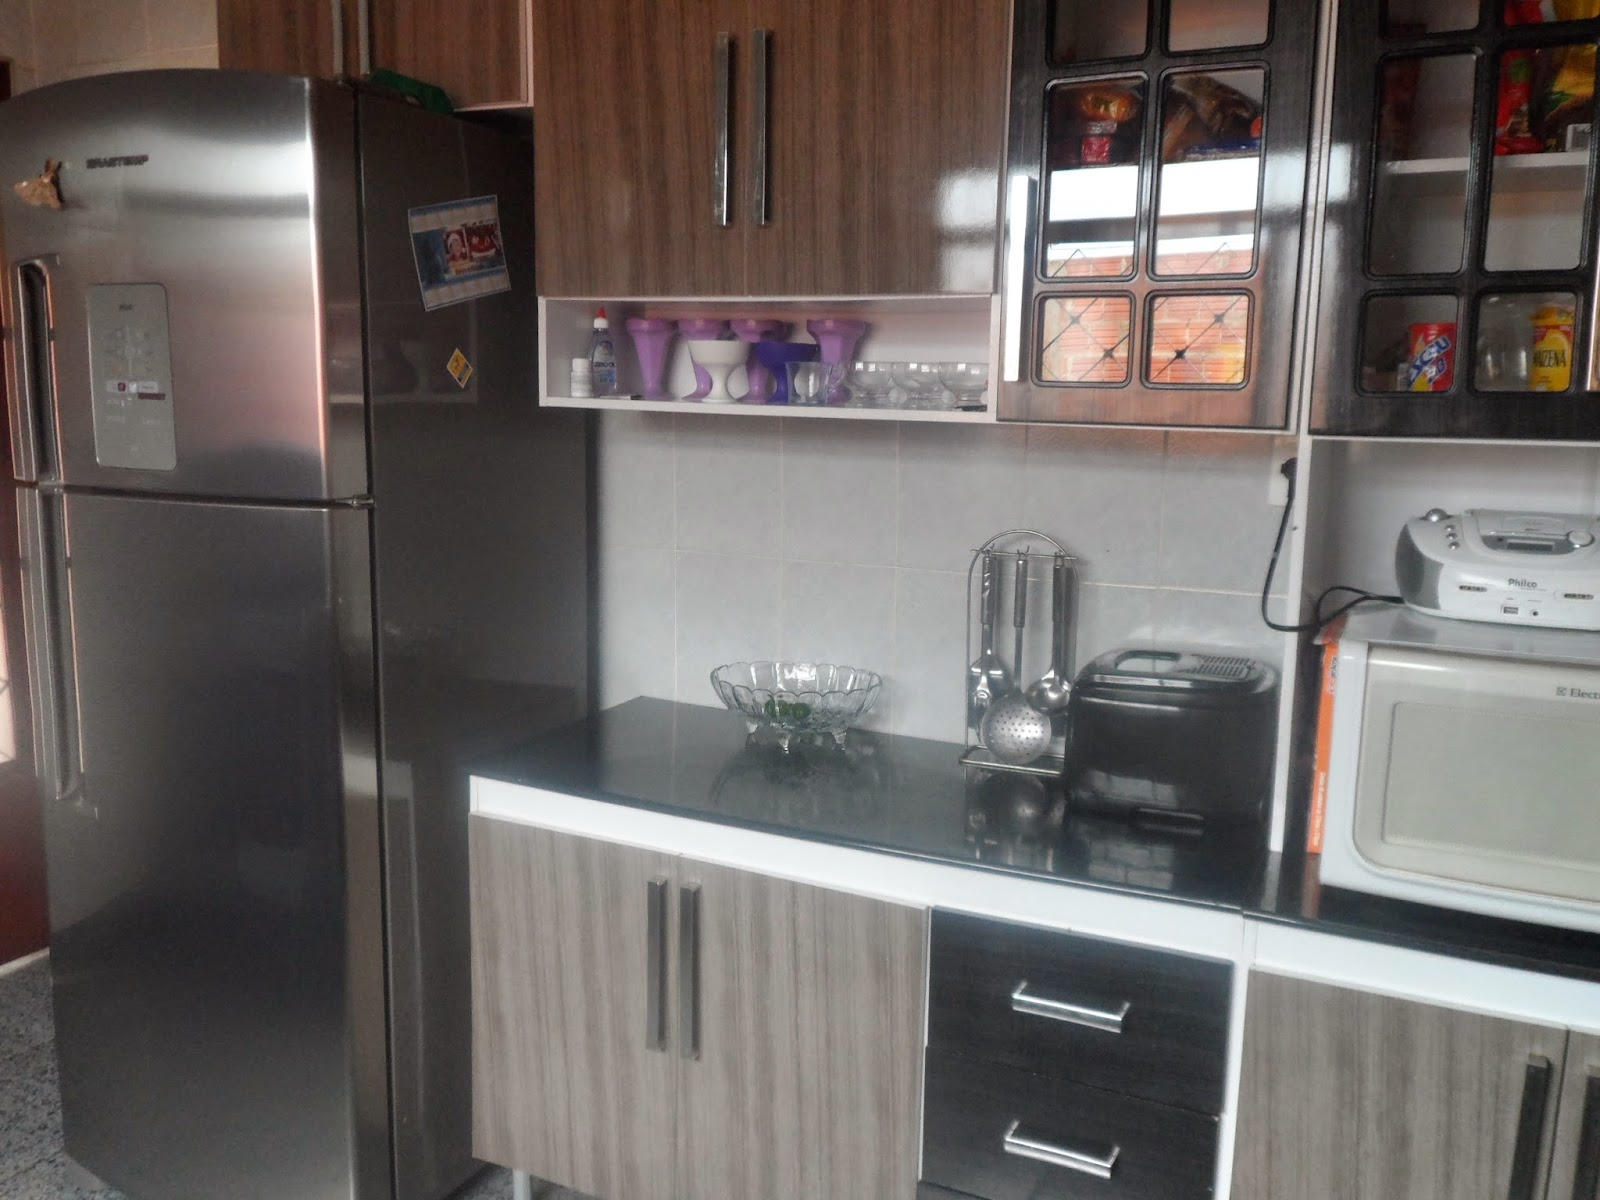 Cozinha Completa Indekes Lia Resimden Com